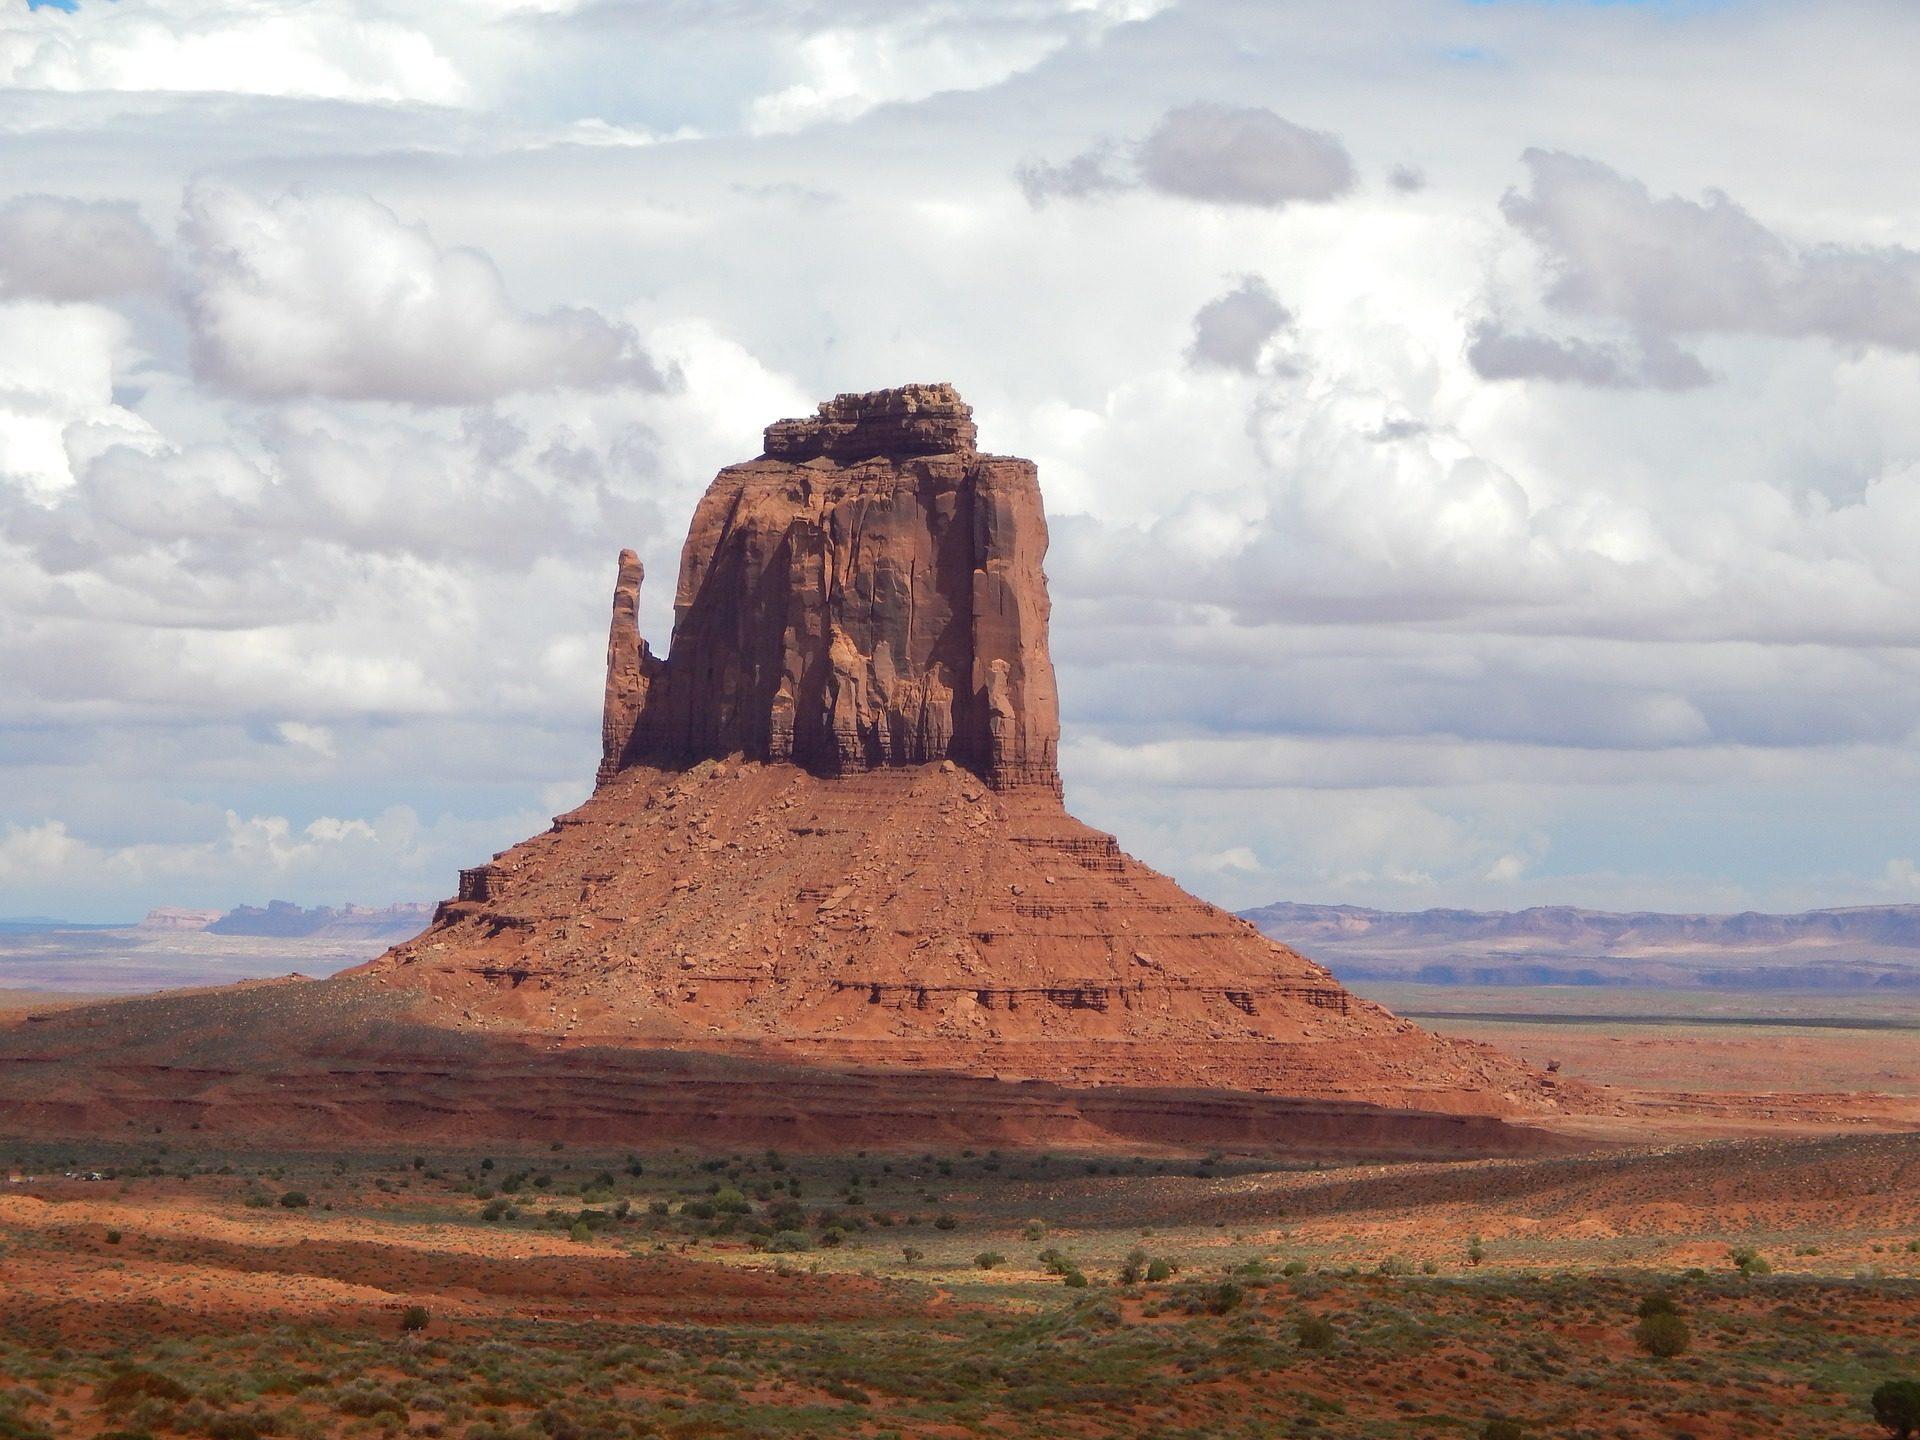 纪念碑谷, 沙漠, 山, 沙子, 天空 - 高清壁纸 - 教授-falken.com